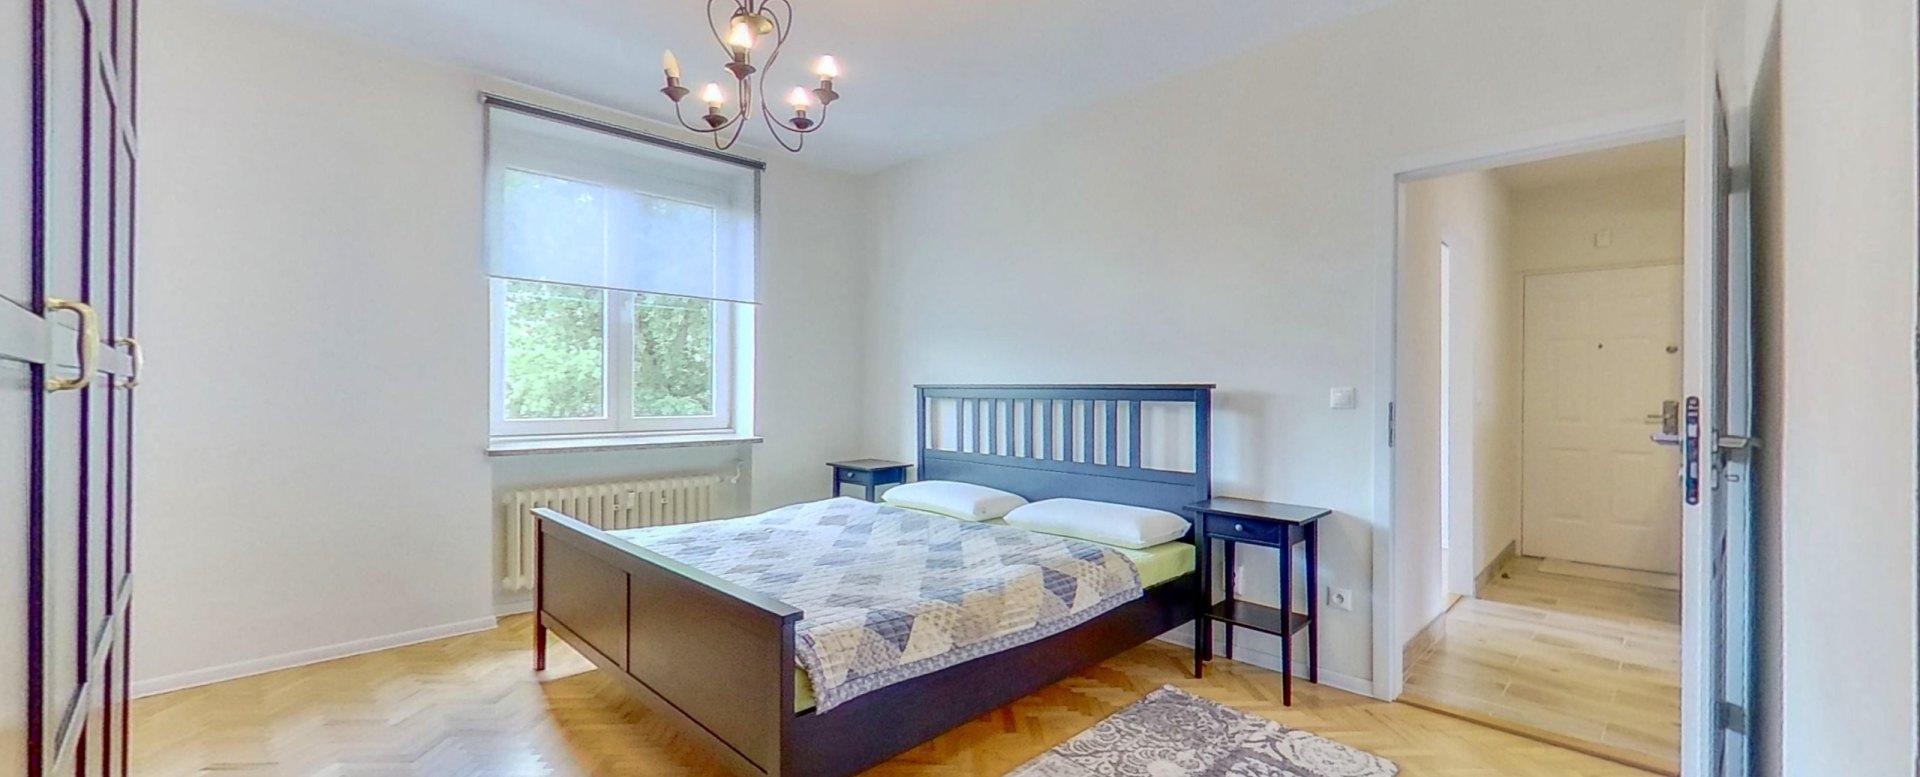 Pohľad na manželskú posteľ v spálni